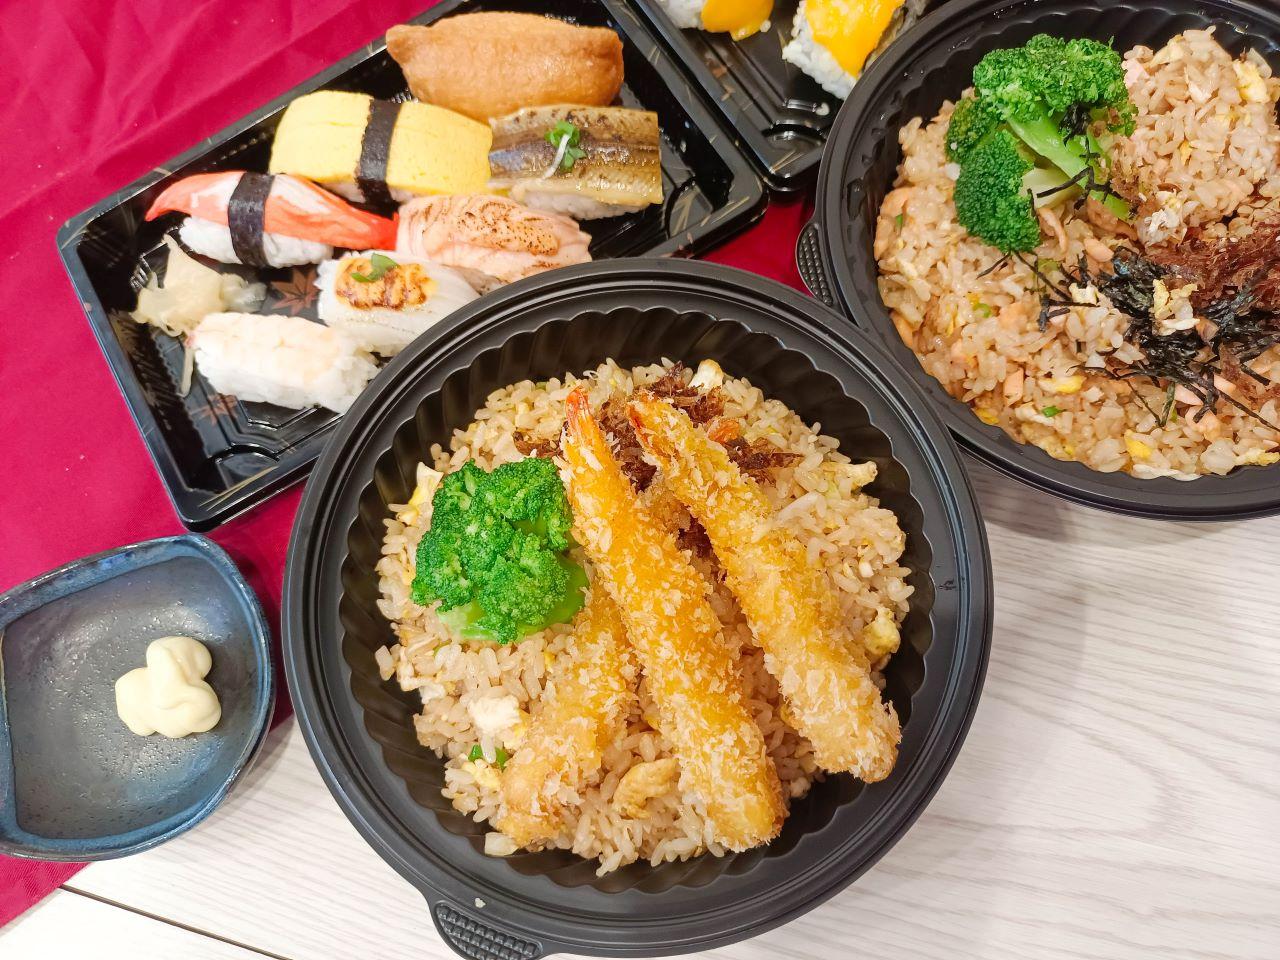 (蘆洲美食)百元有找的炸蝦炒飯,秘製牛肉炒飯通通在這邊,提供外送服務讓你可以得享受優質美食-長安品道小餐館(外送/外帶) @Nancy將的生活筆計本